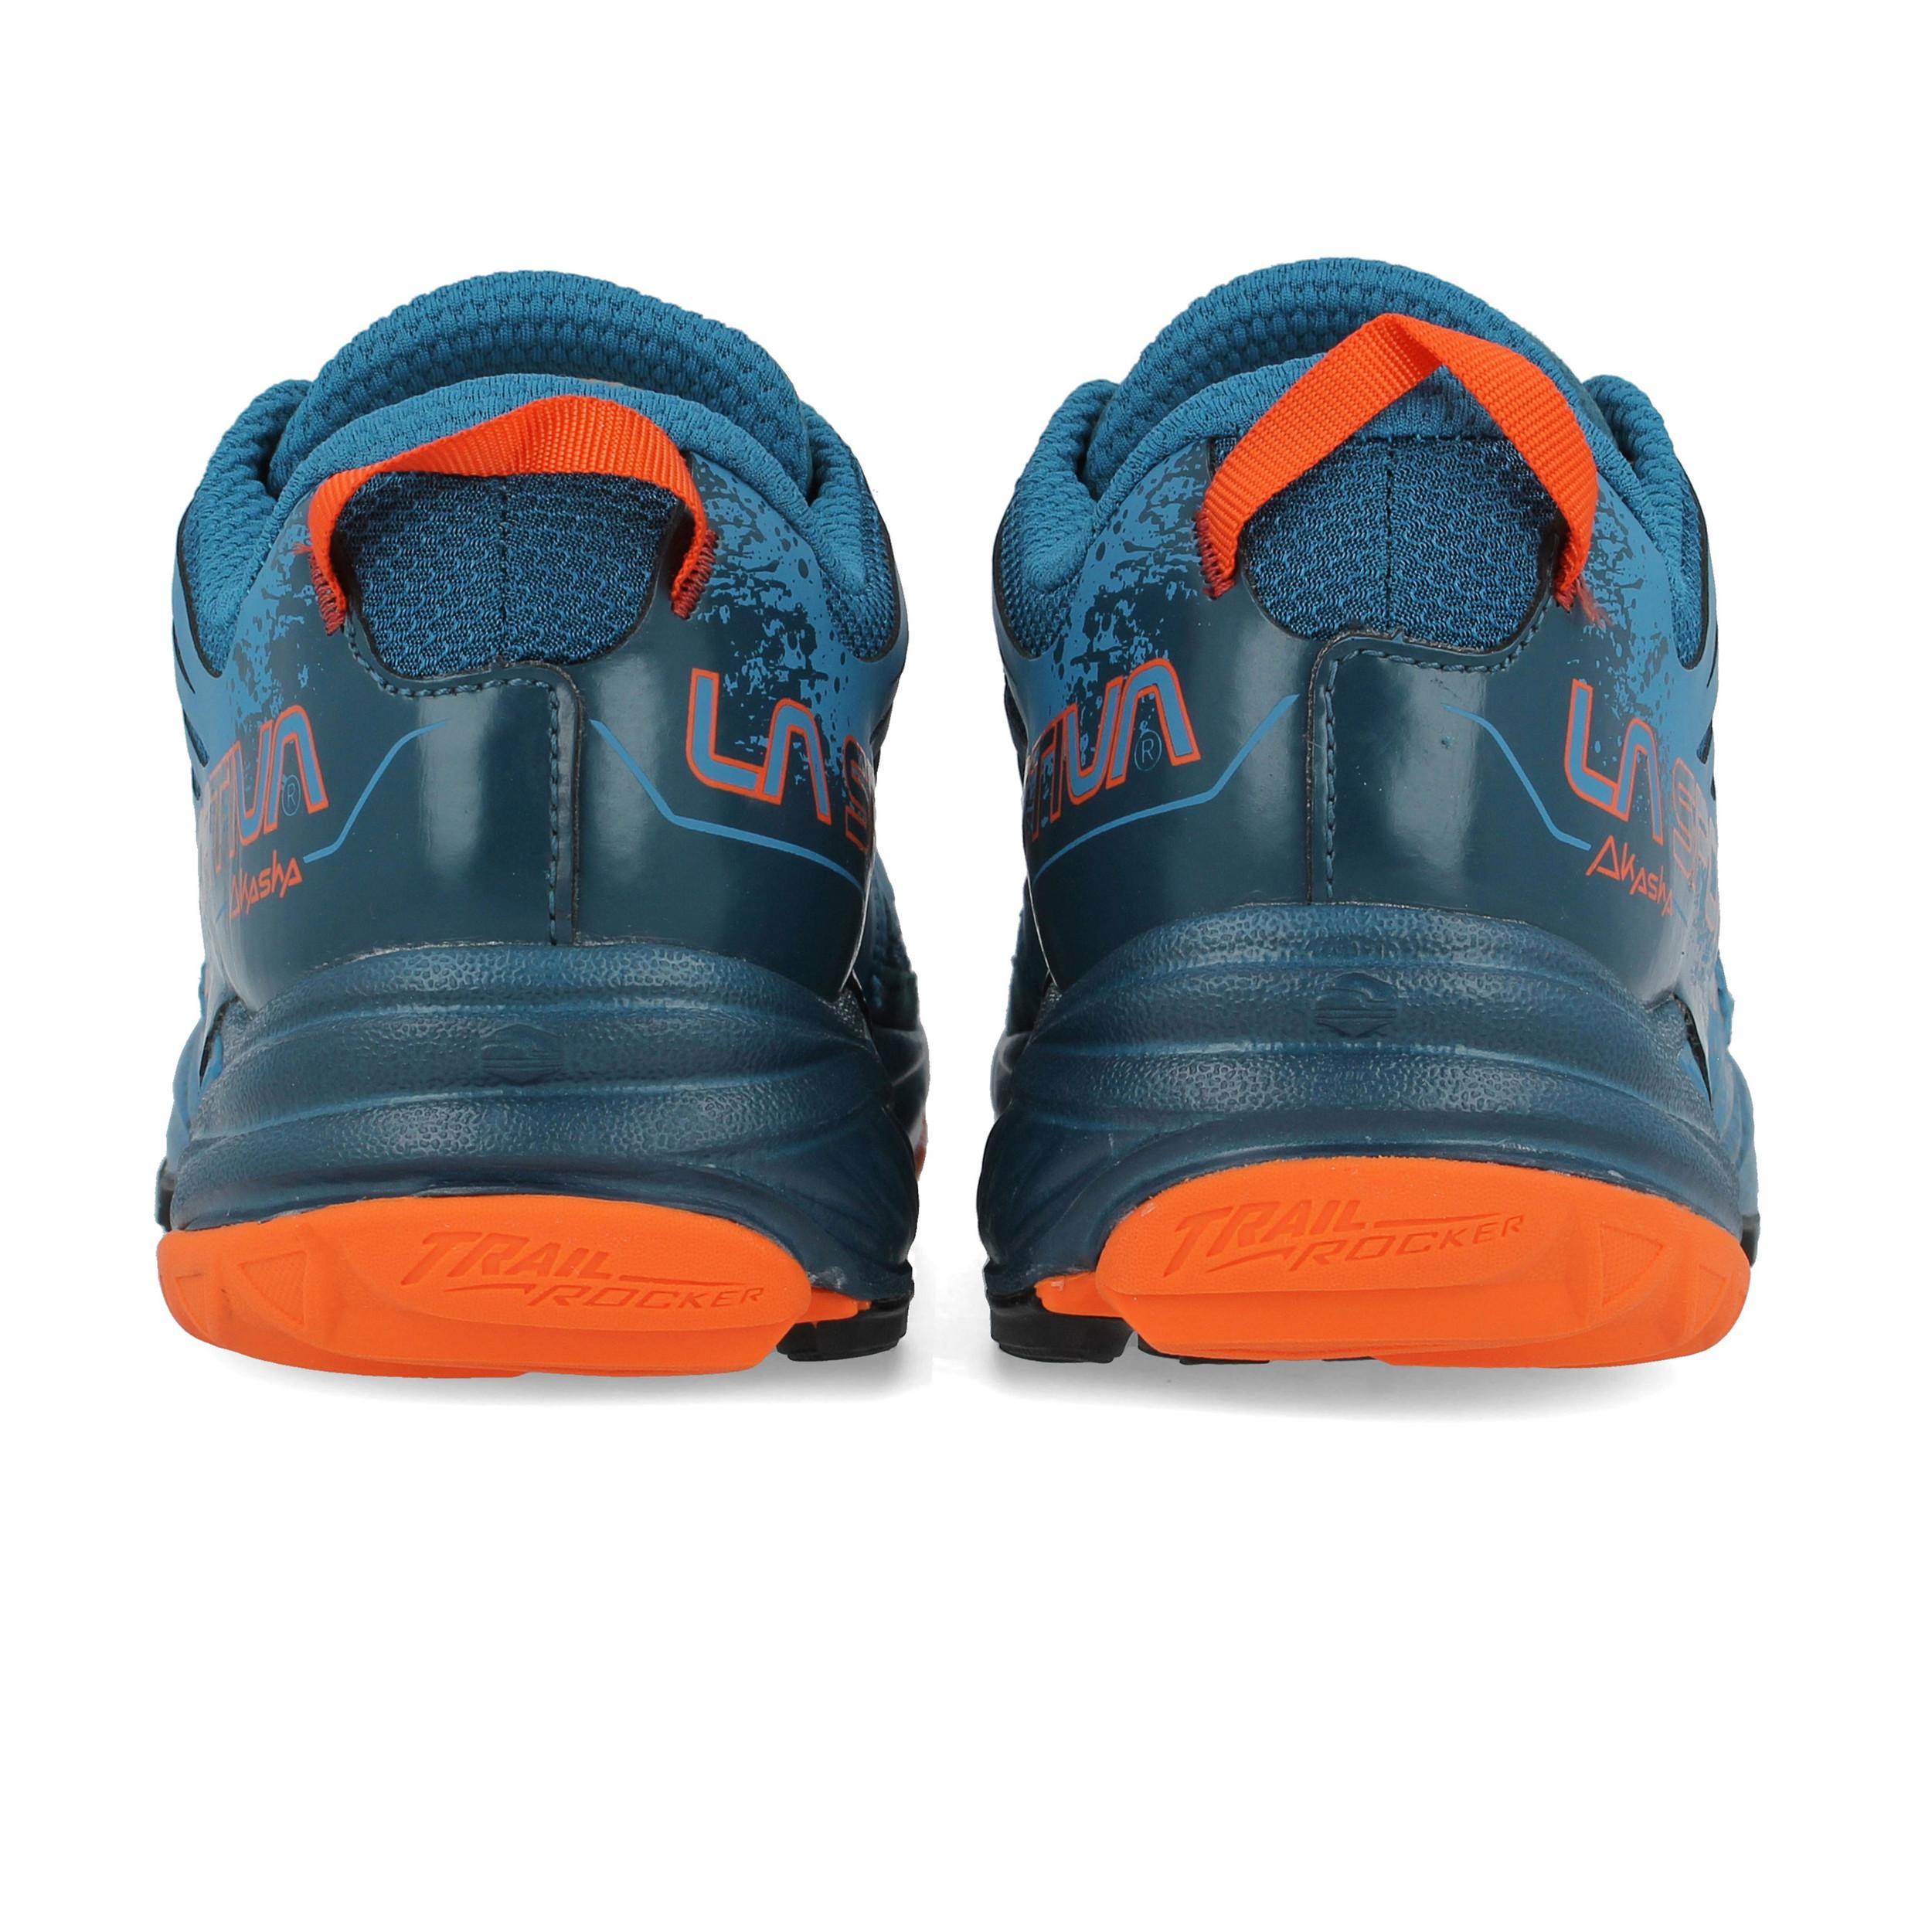 La SPORTIVA Akasha Da Uomo Blu Blu Blu Trail Running Scarpe Sportive Scarpe da ginnastica pompe f05469